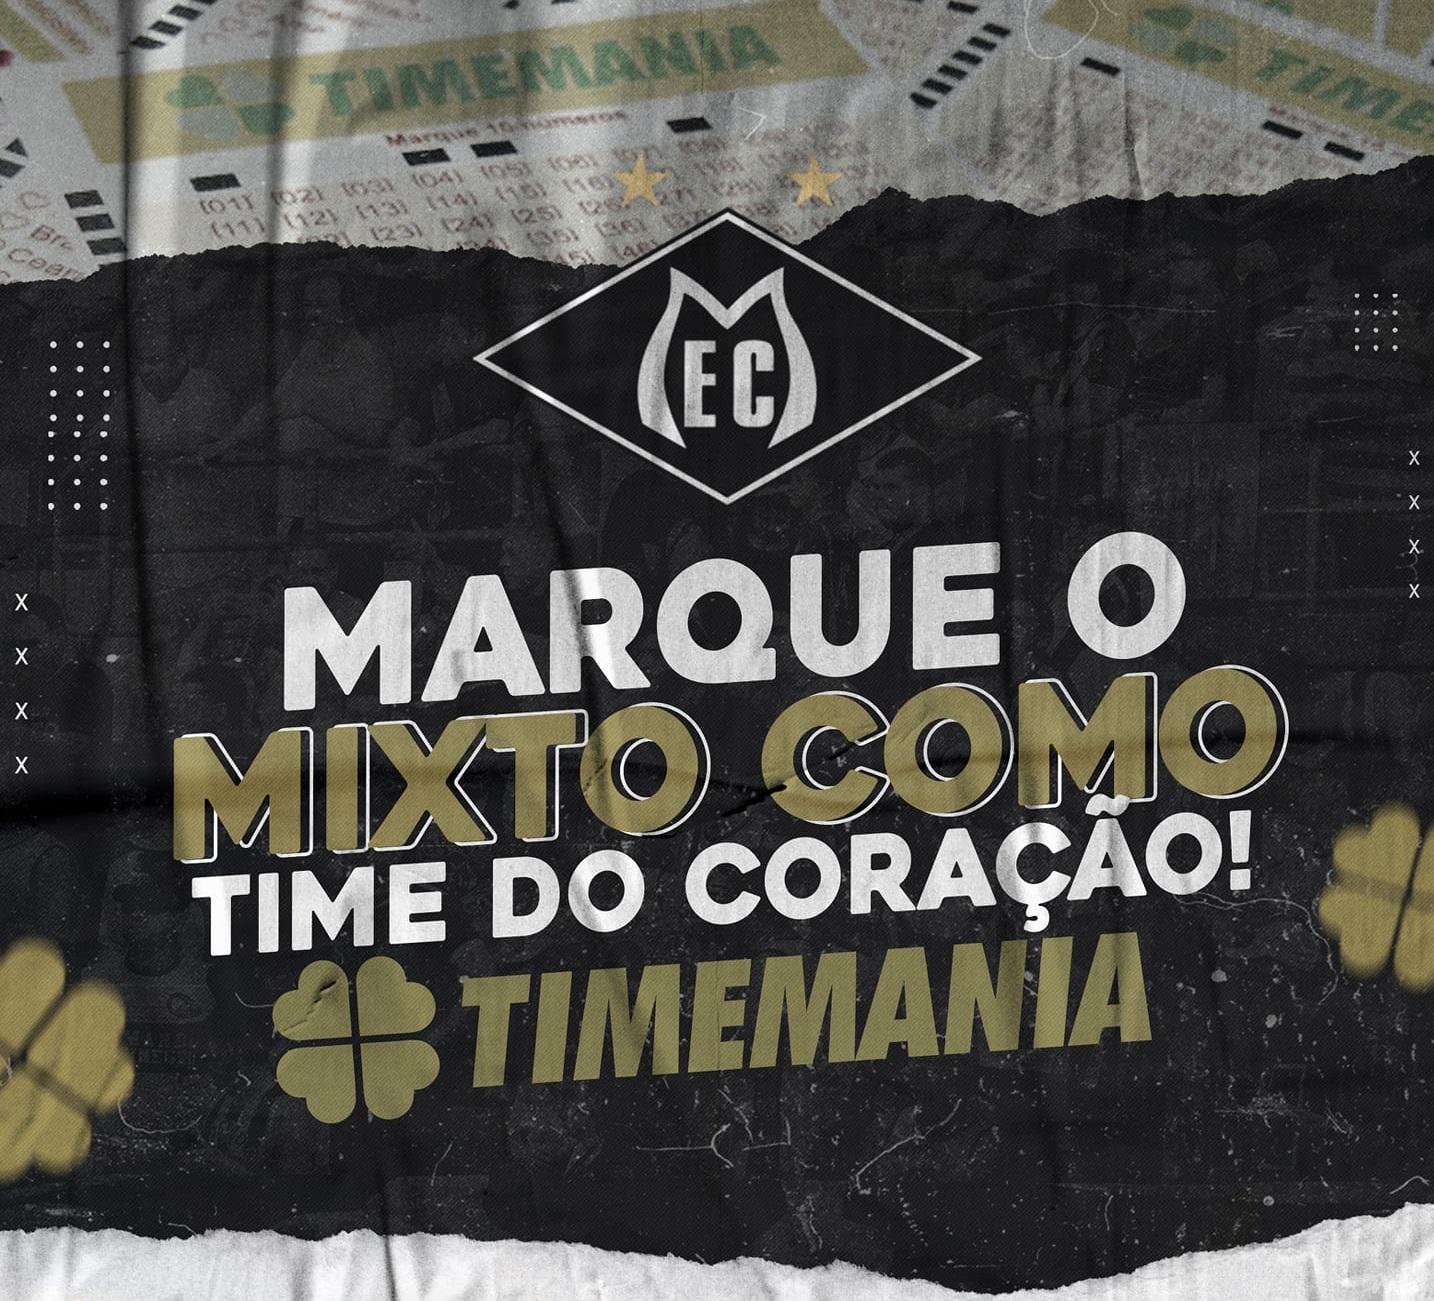 Campanha do Mixto para a Timemania